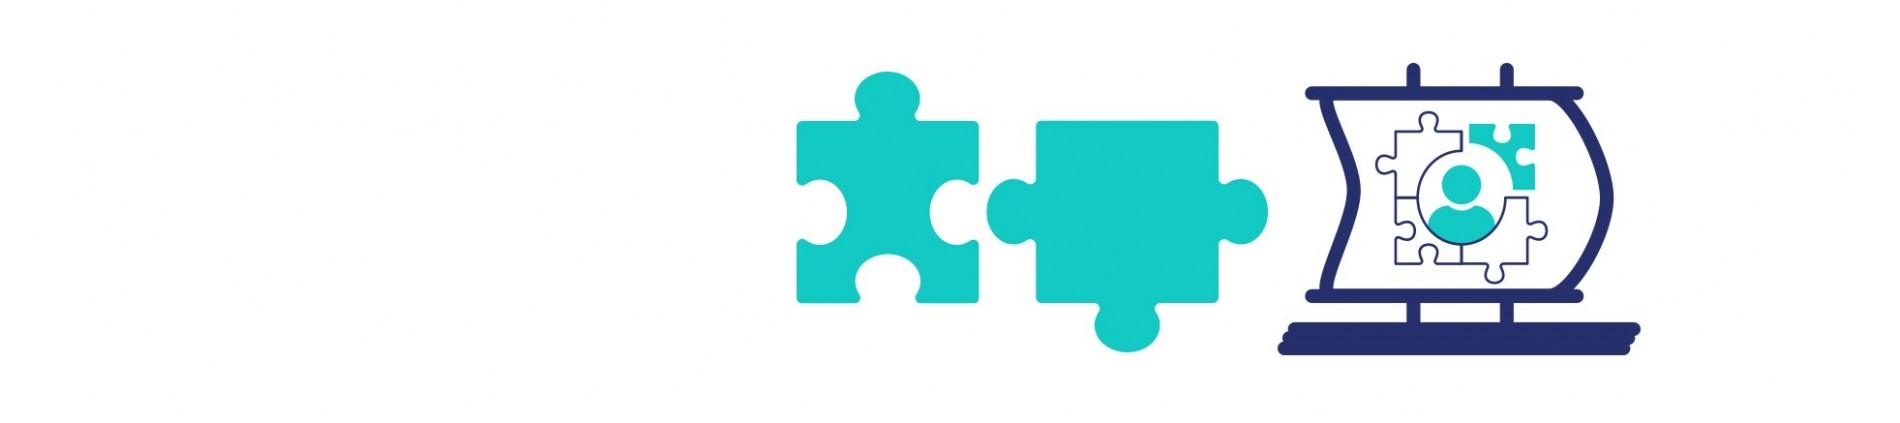 Autism Family : la guidance parentale, soutenir et accompagner les familles